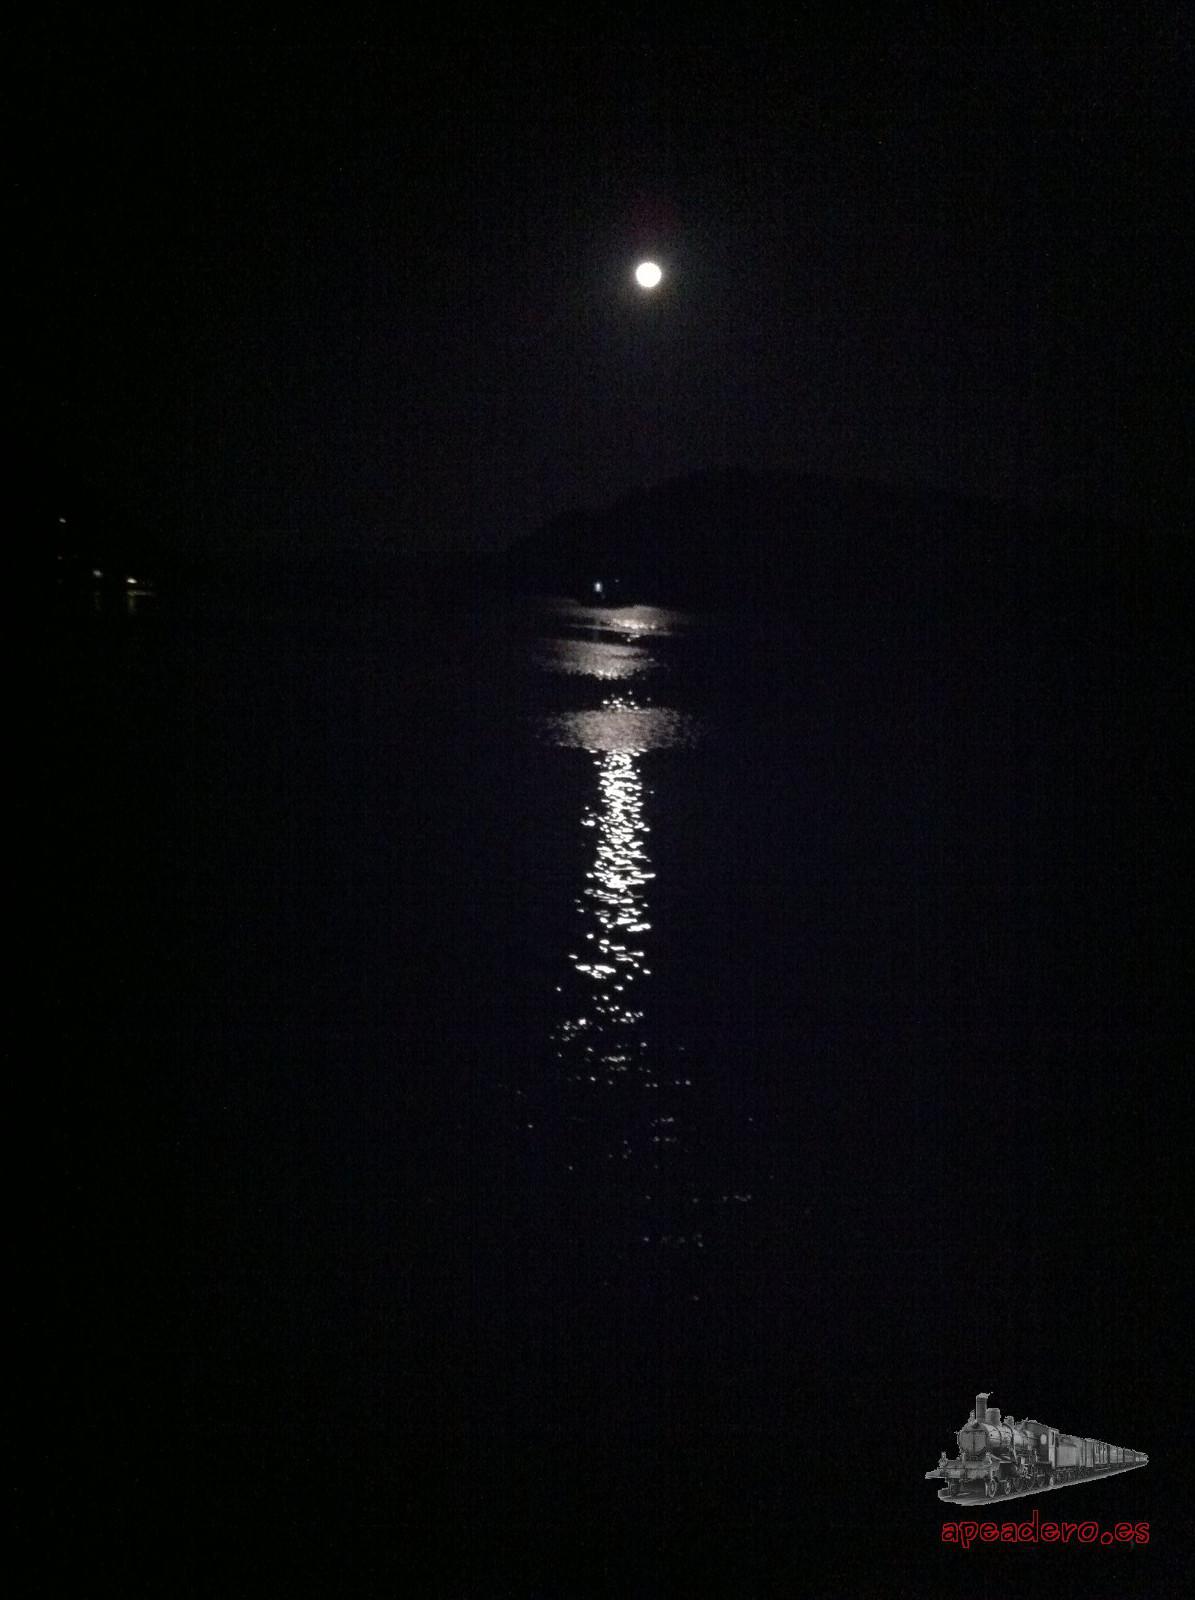 Por la noche, la luz de la luna ilumina la cubierta del barco y las temperaturas frescas son ideales para estar charlando y jugando a cartas hasta bien entrada la madrugada.